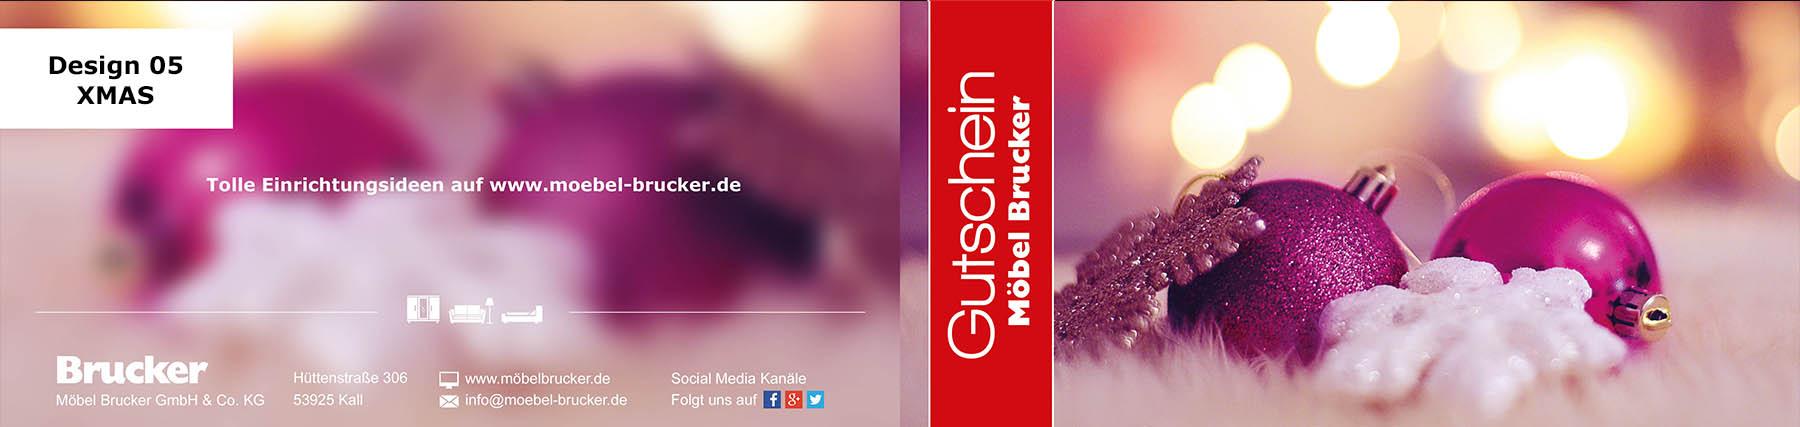 Gutschein-Designs-5